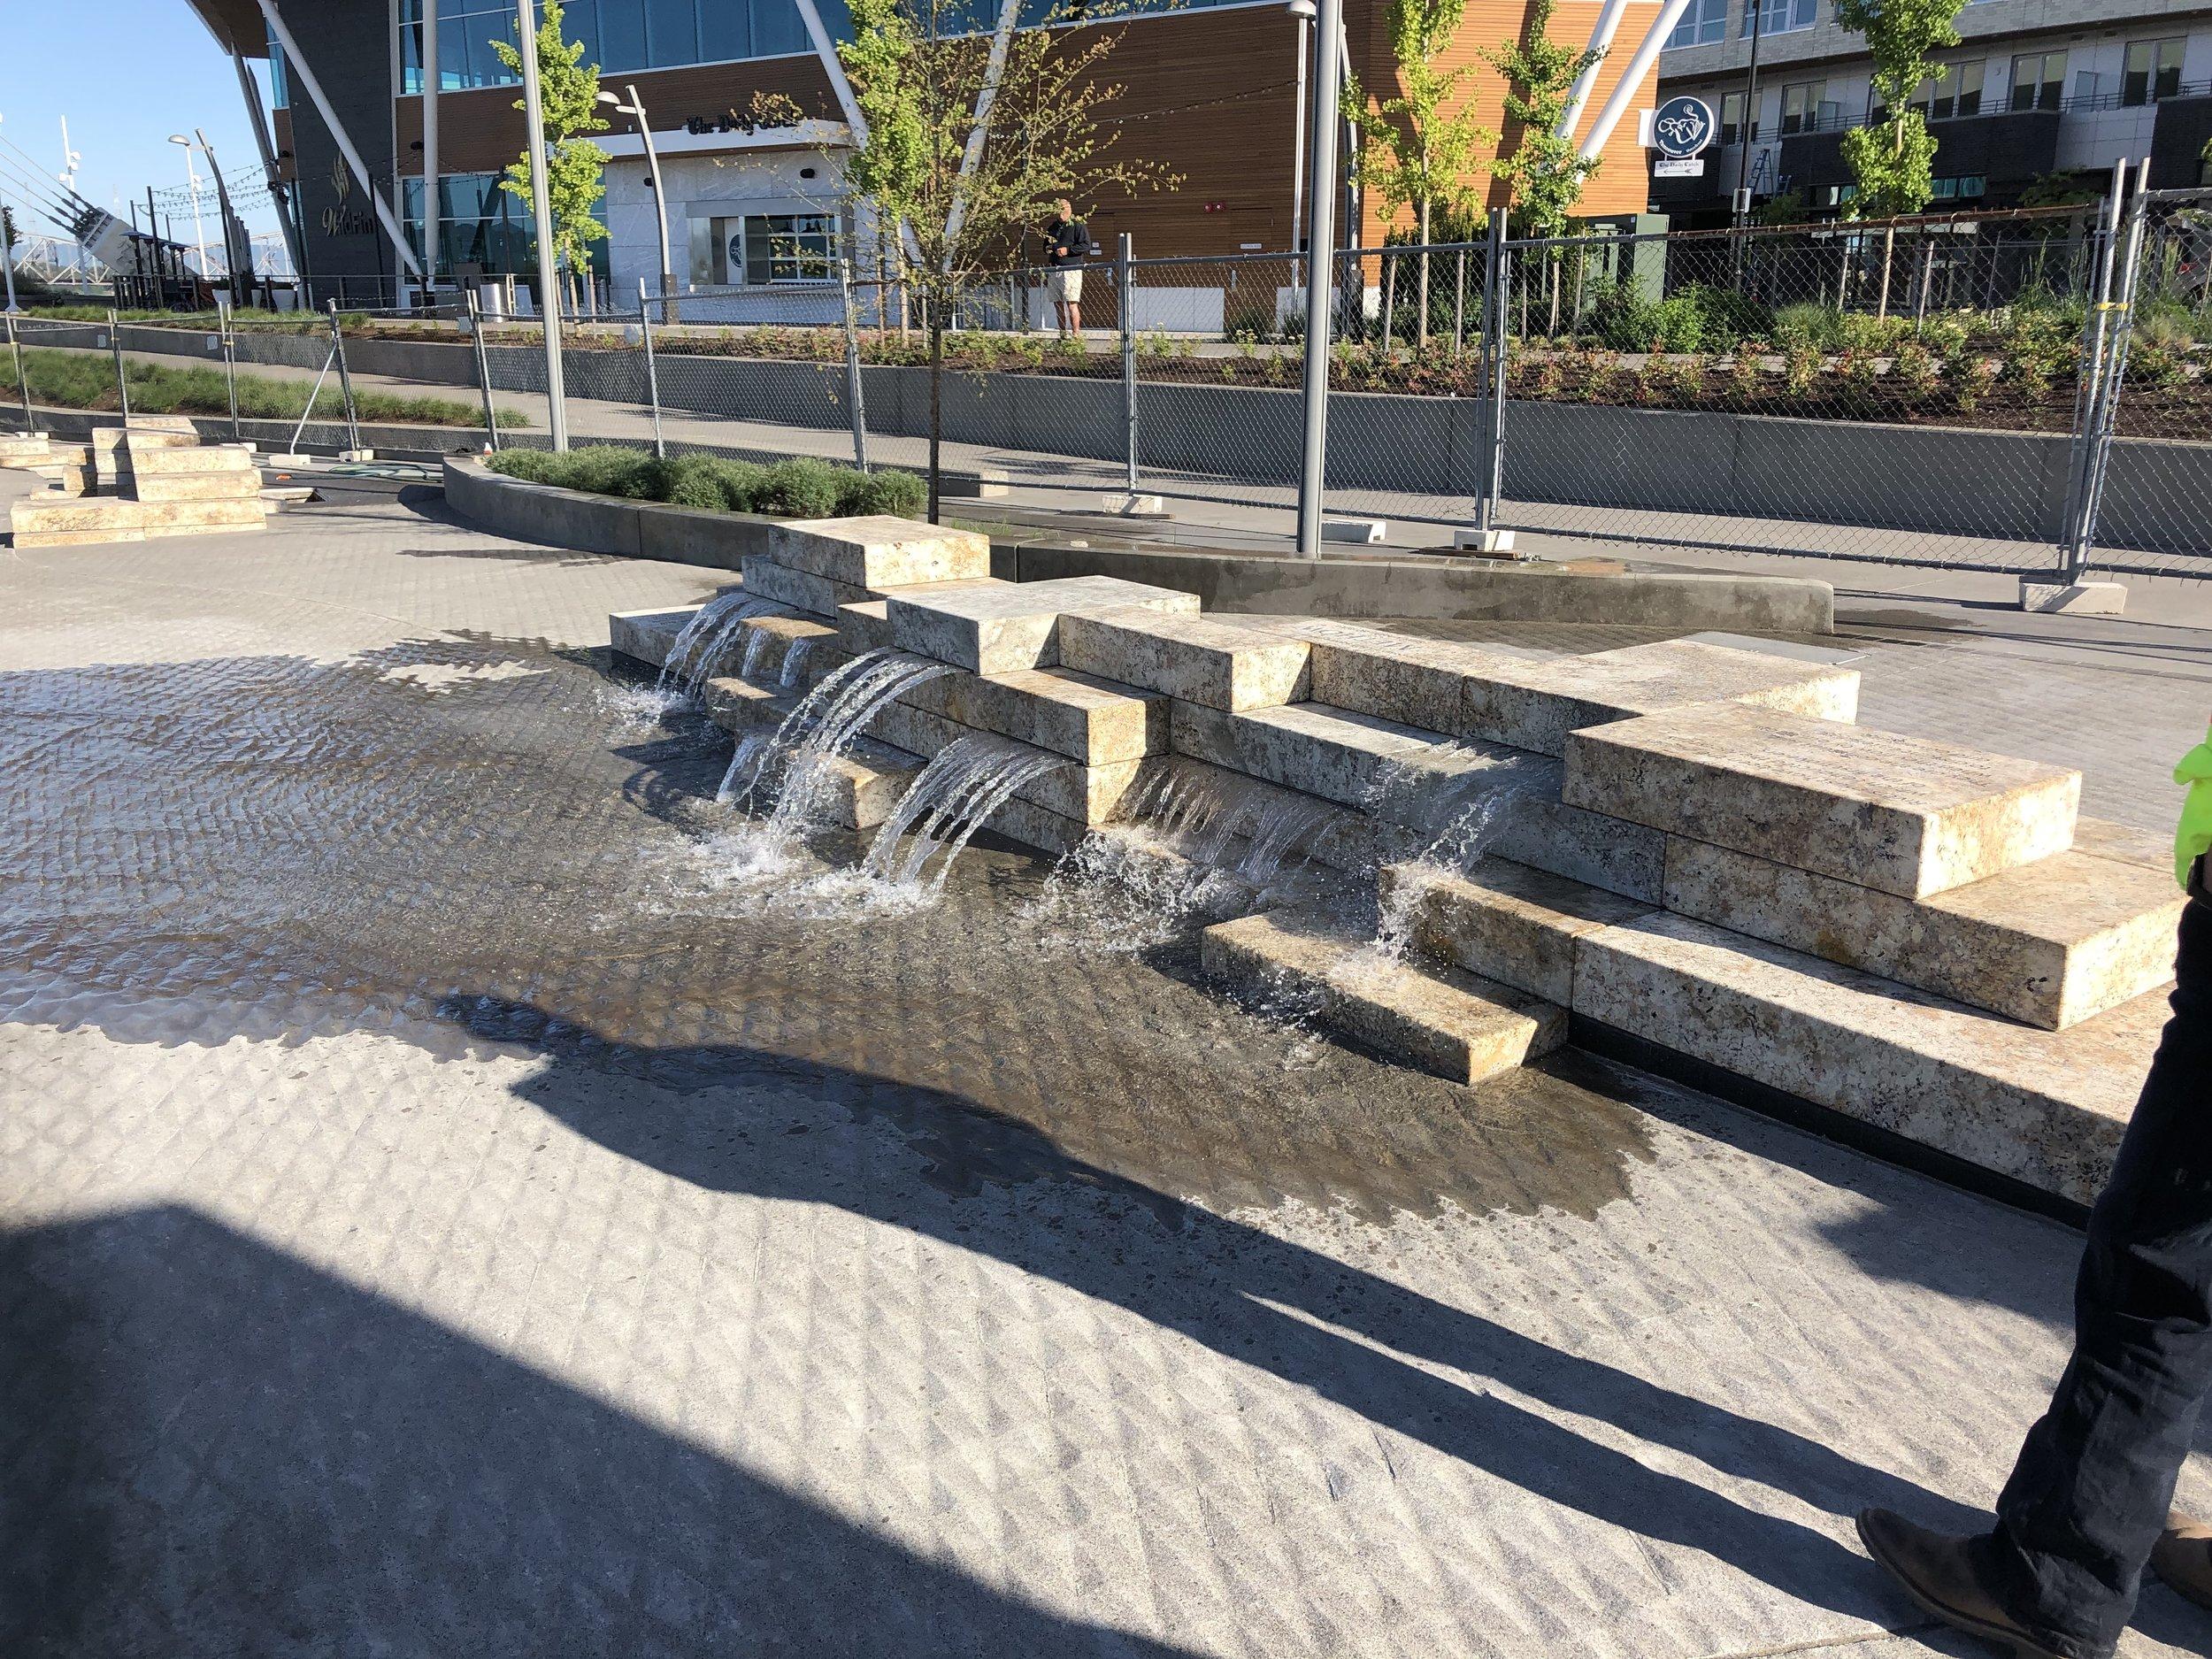 vancouver_waterfront park fountain_larry kirkland_public art services_j grant projects_14.jpg